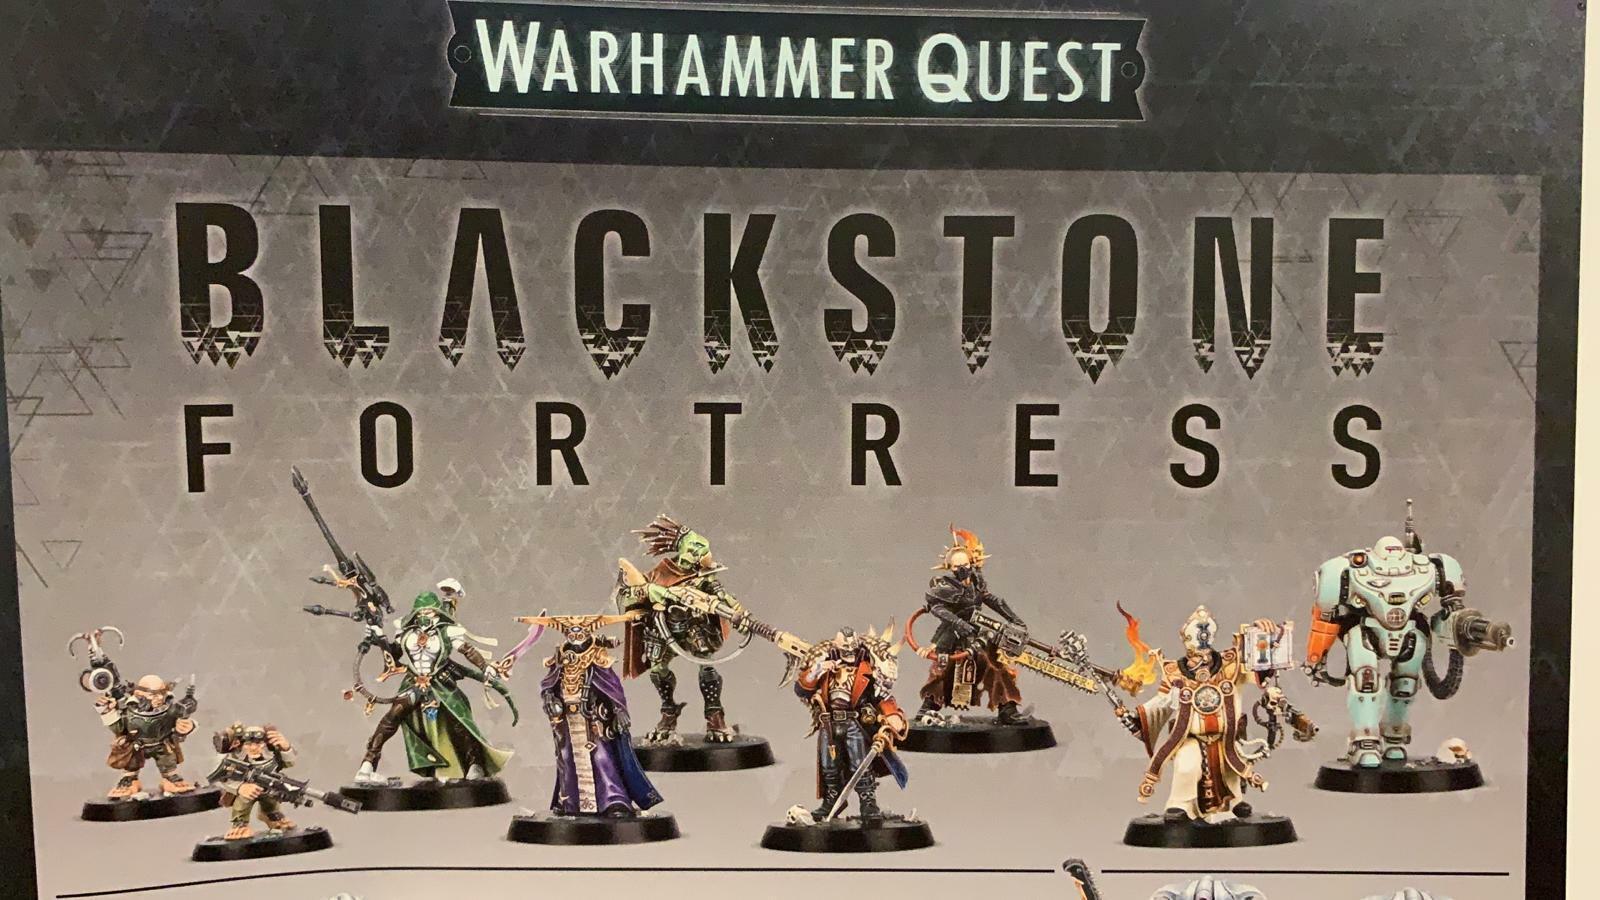 как выглядит Warhammer 40k BlackStone Fortress Heroes Explorers Kroot Zealot Priest UR-025 фото